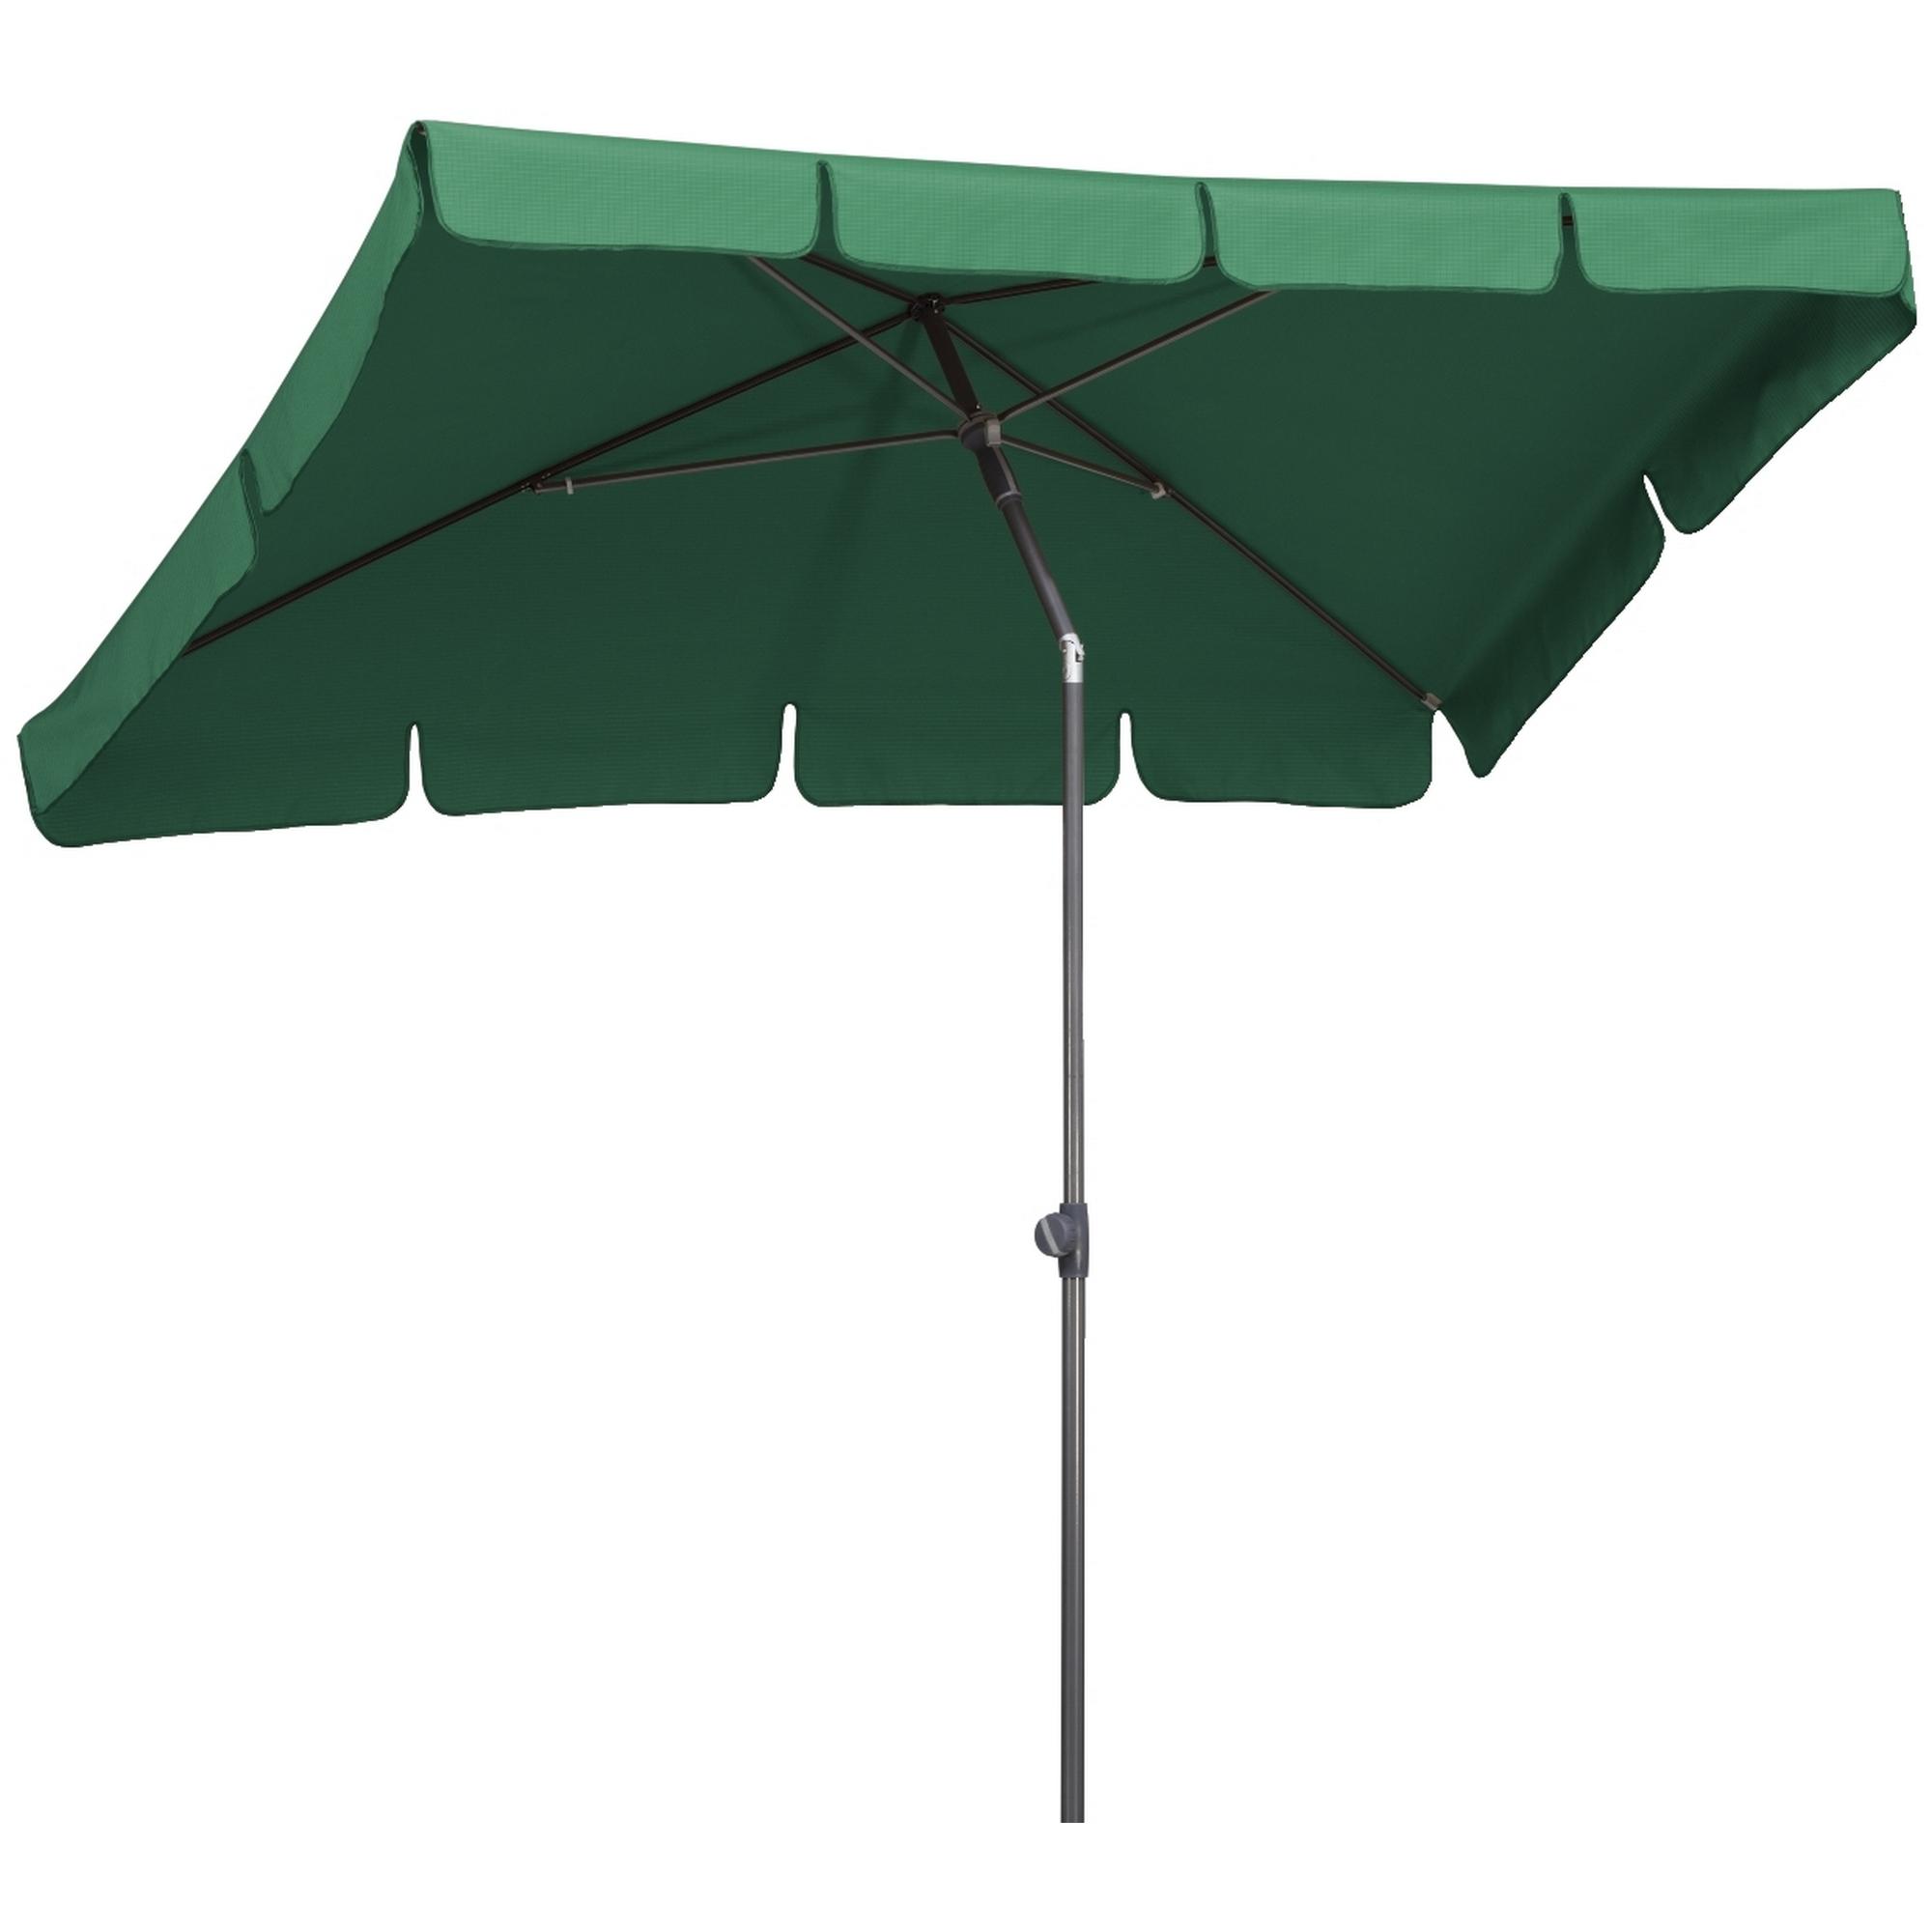 Schneider Schirme Sonnenschirm AQUILA, 265x150 cm, grün